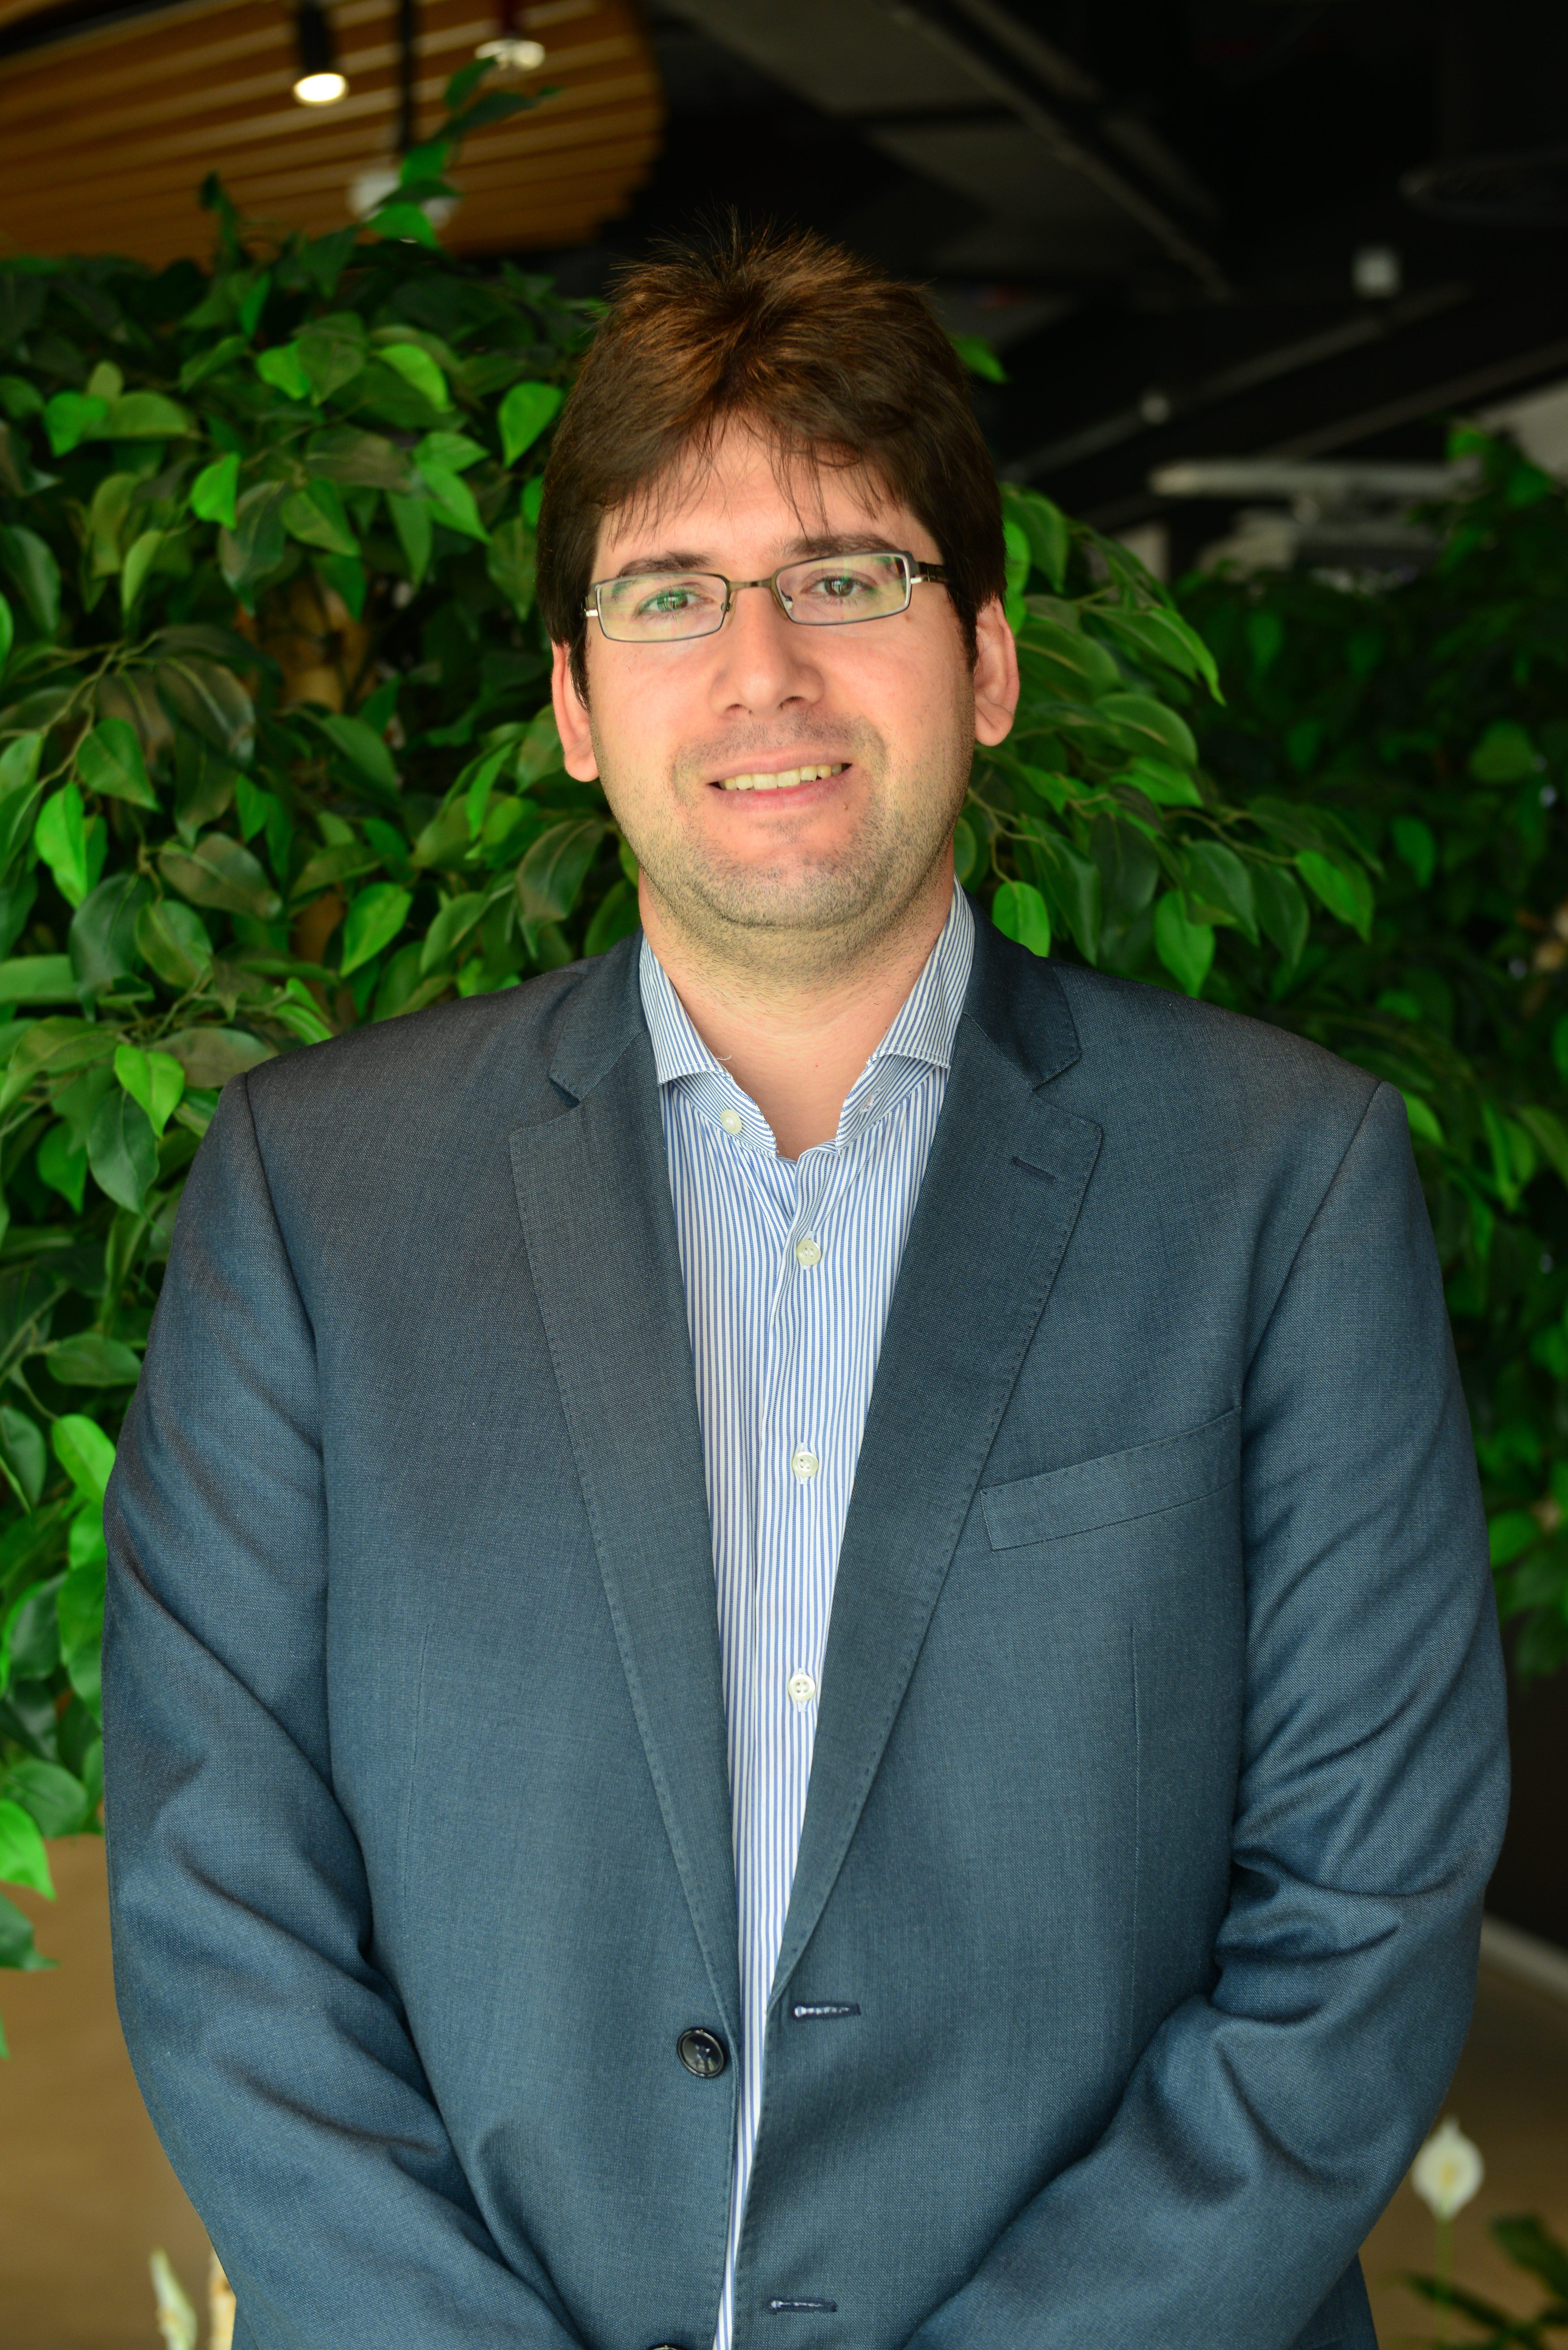 Richard Dib